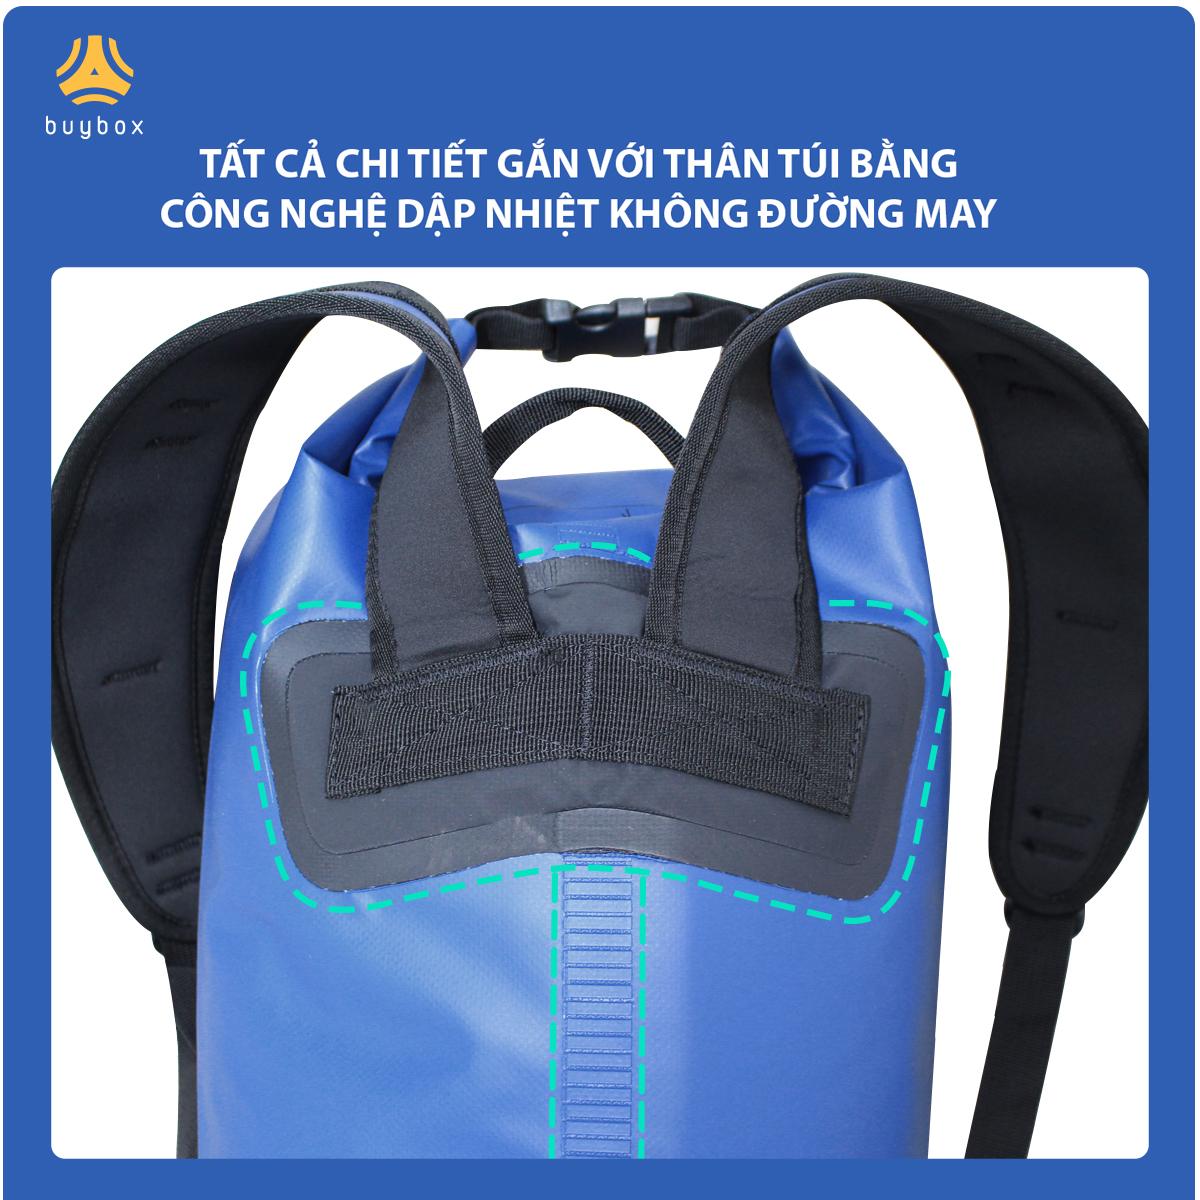 Hình ảnh cận cảnh Balo chống nước đi phượt chất liệu 500D PVC sản xuất tại Việt Nam - 10L, 20L, 30L, 40L, 55L - buybox - BBPK161